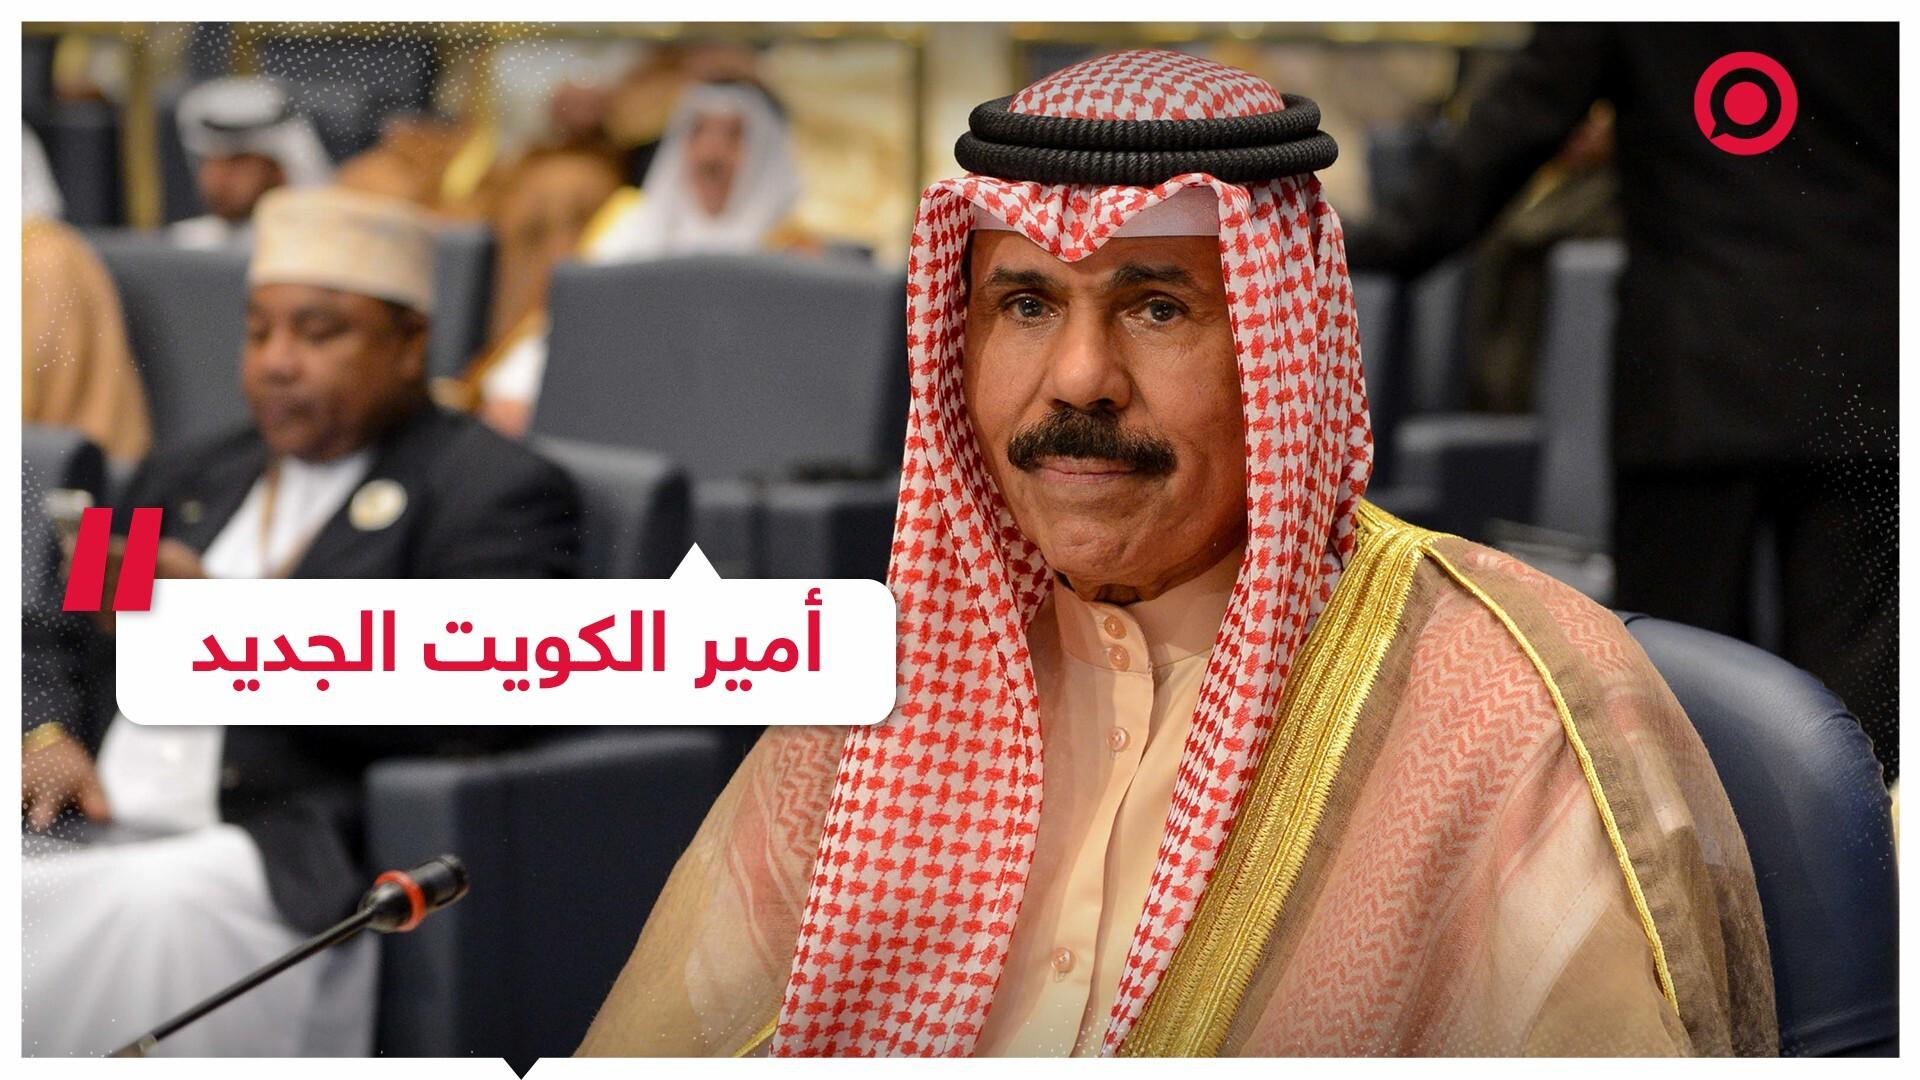 تعرف على أمير الكويت الشيخ نواف الأحمد الجابر الصباح